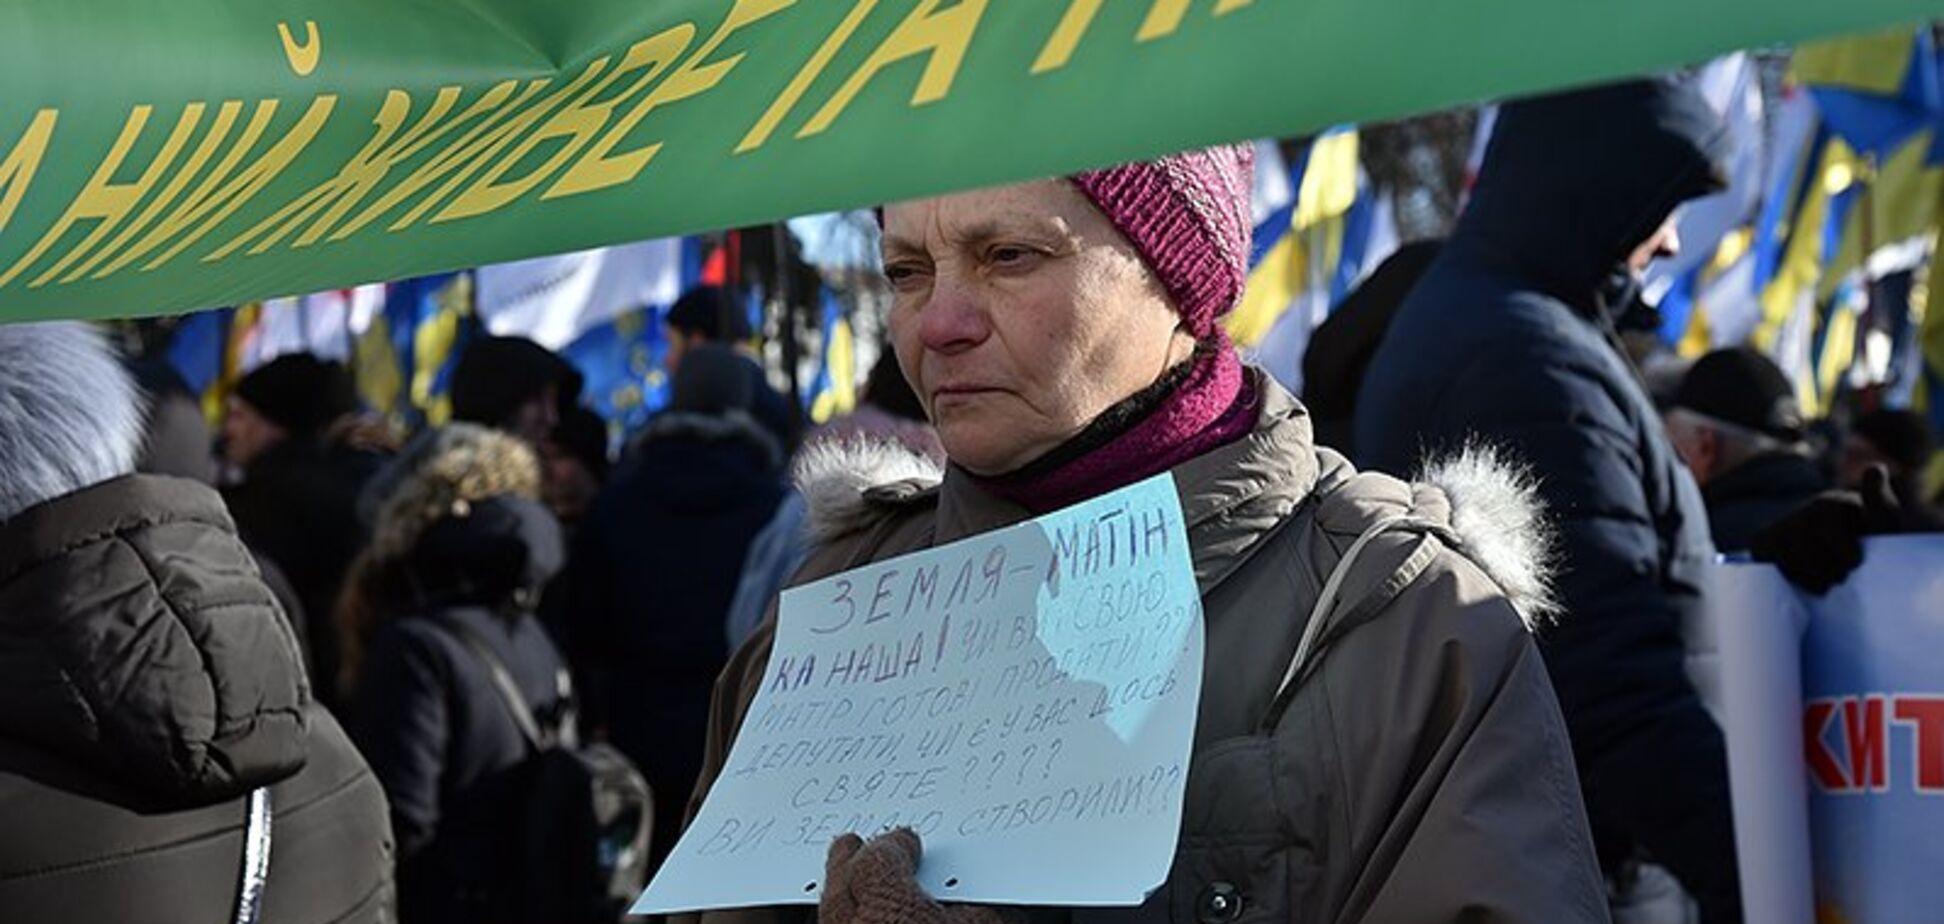 300 грн за полный день: в сети всплыли расценки за митинг против рынка земли